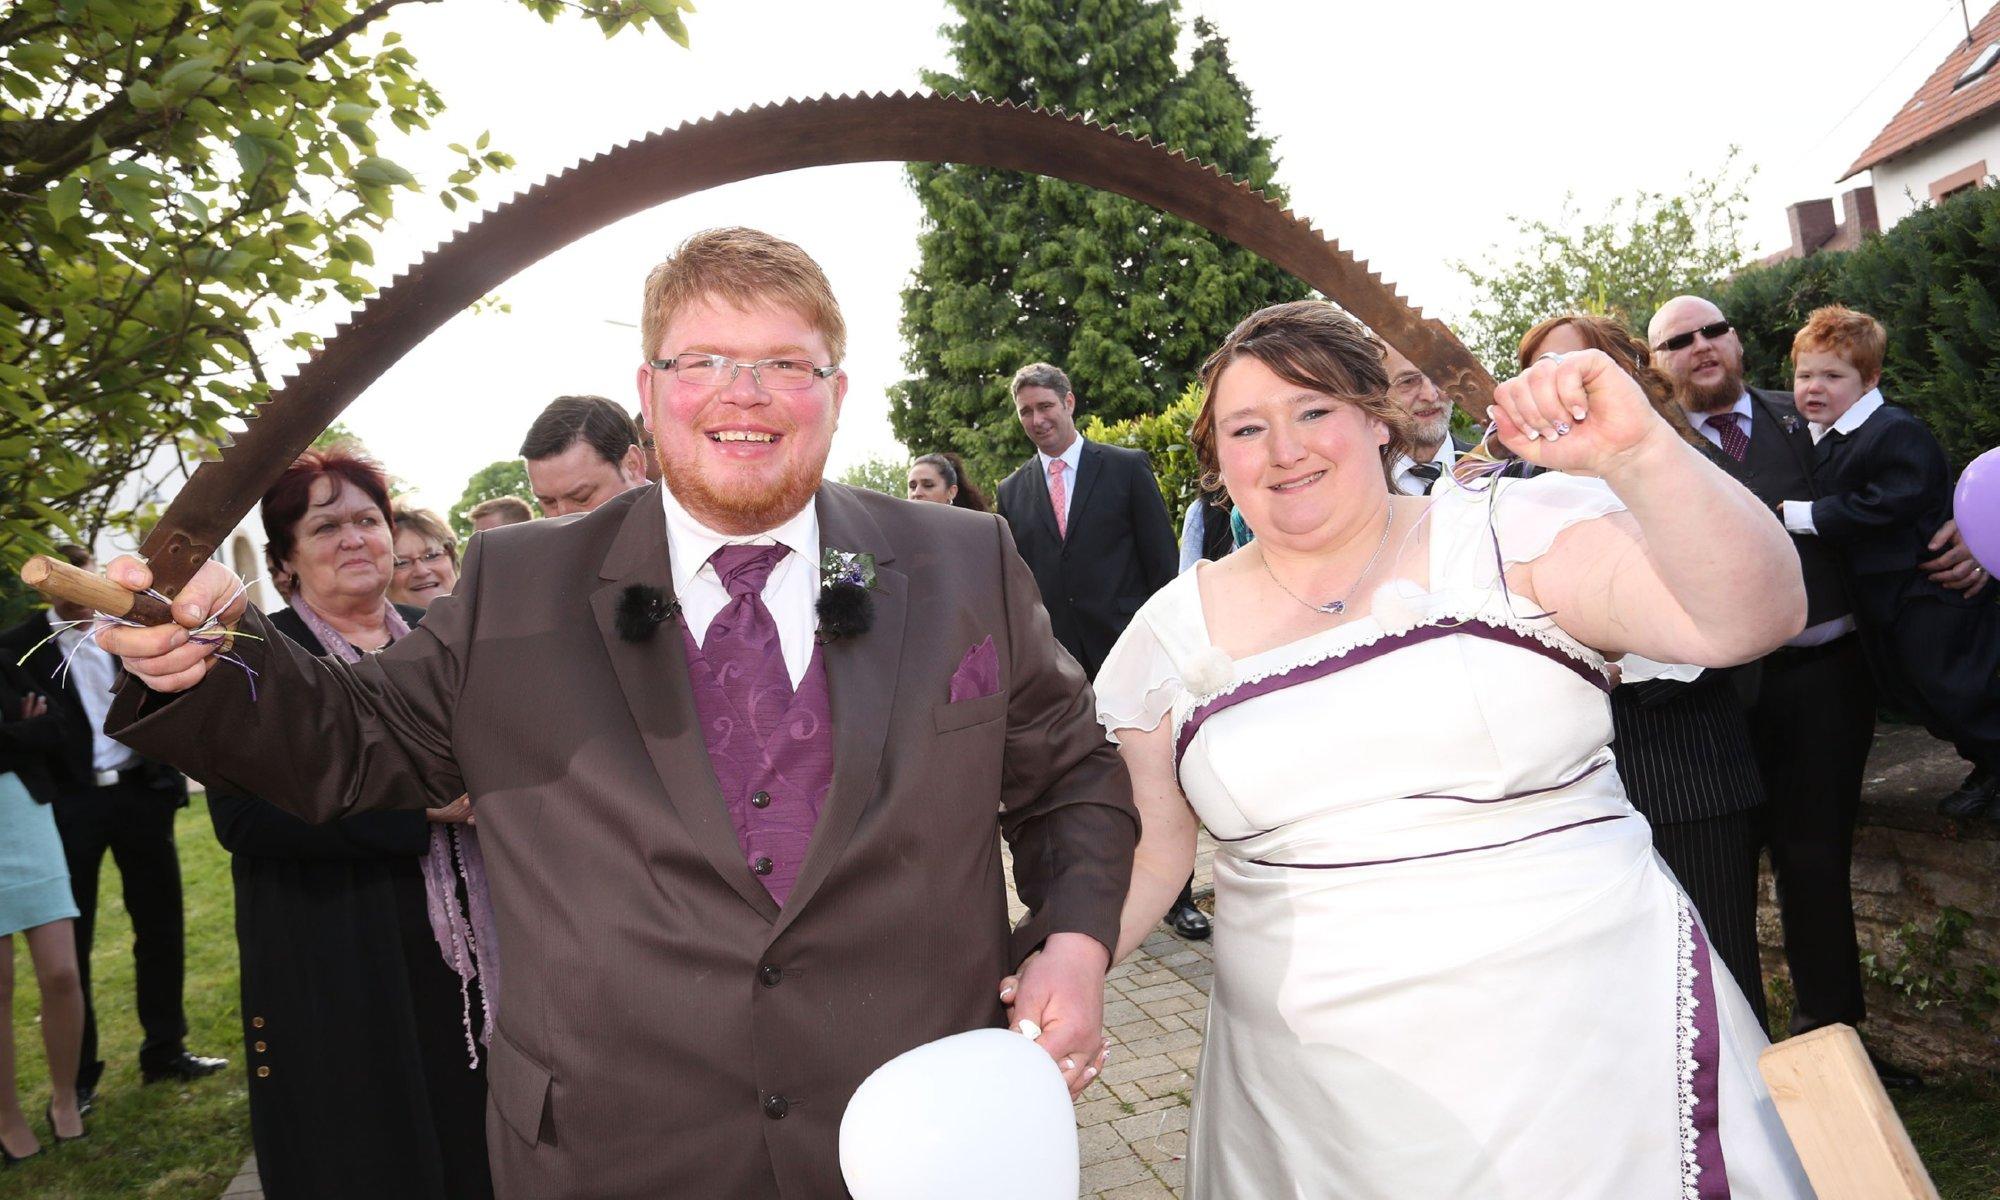 Hochzeit bei Bauer sucht Frau